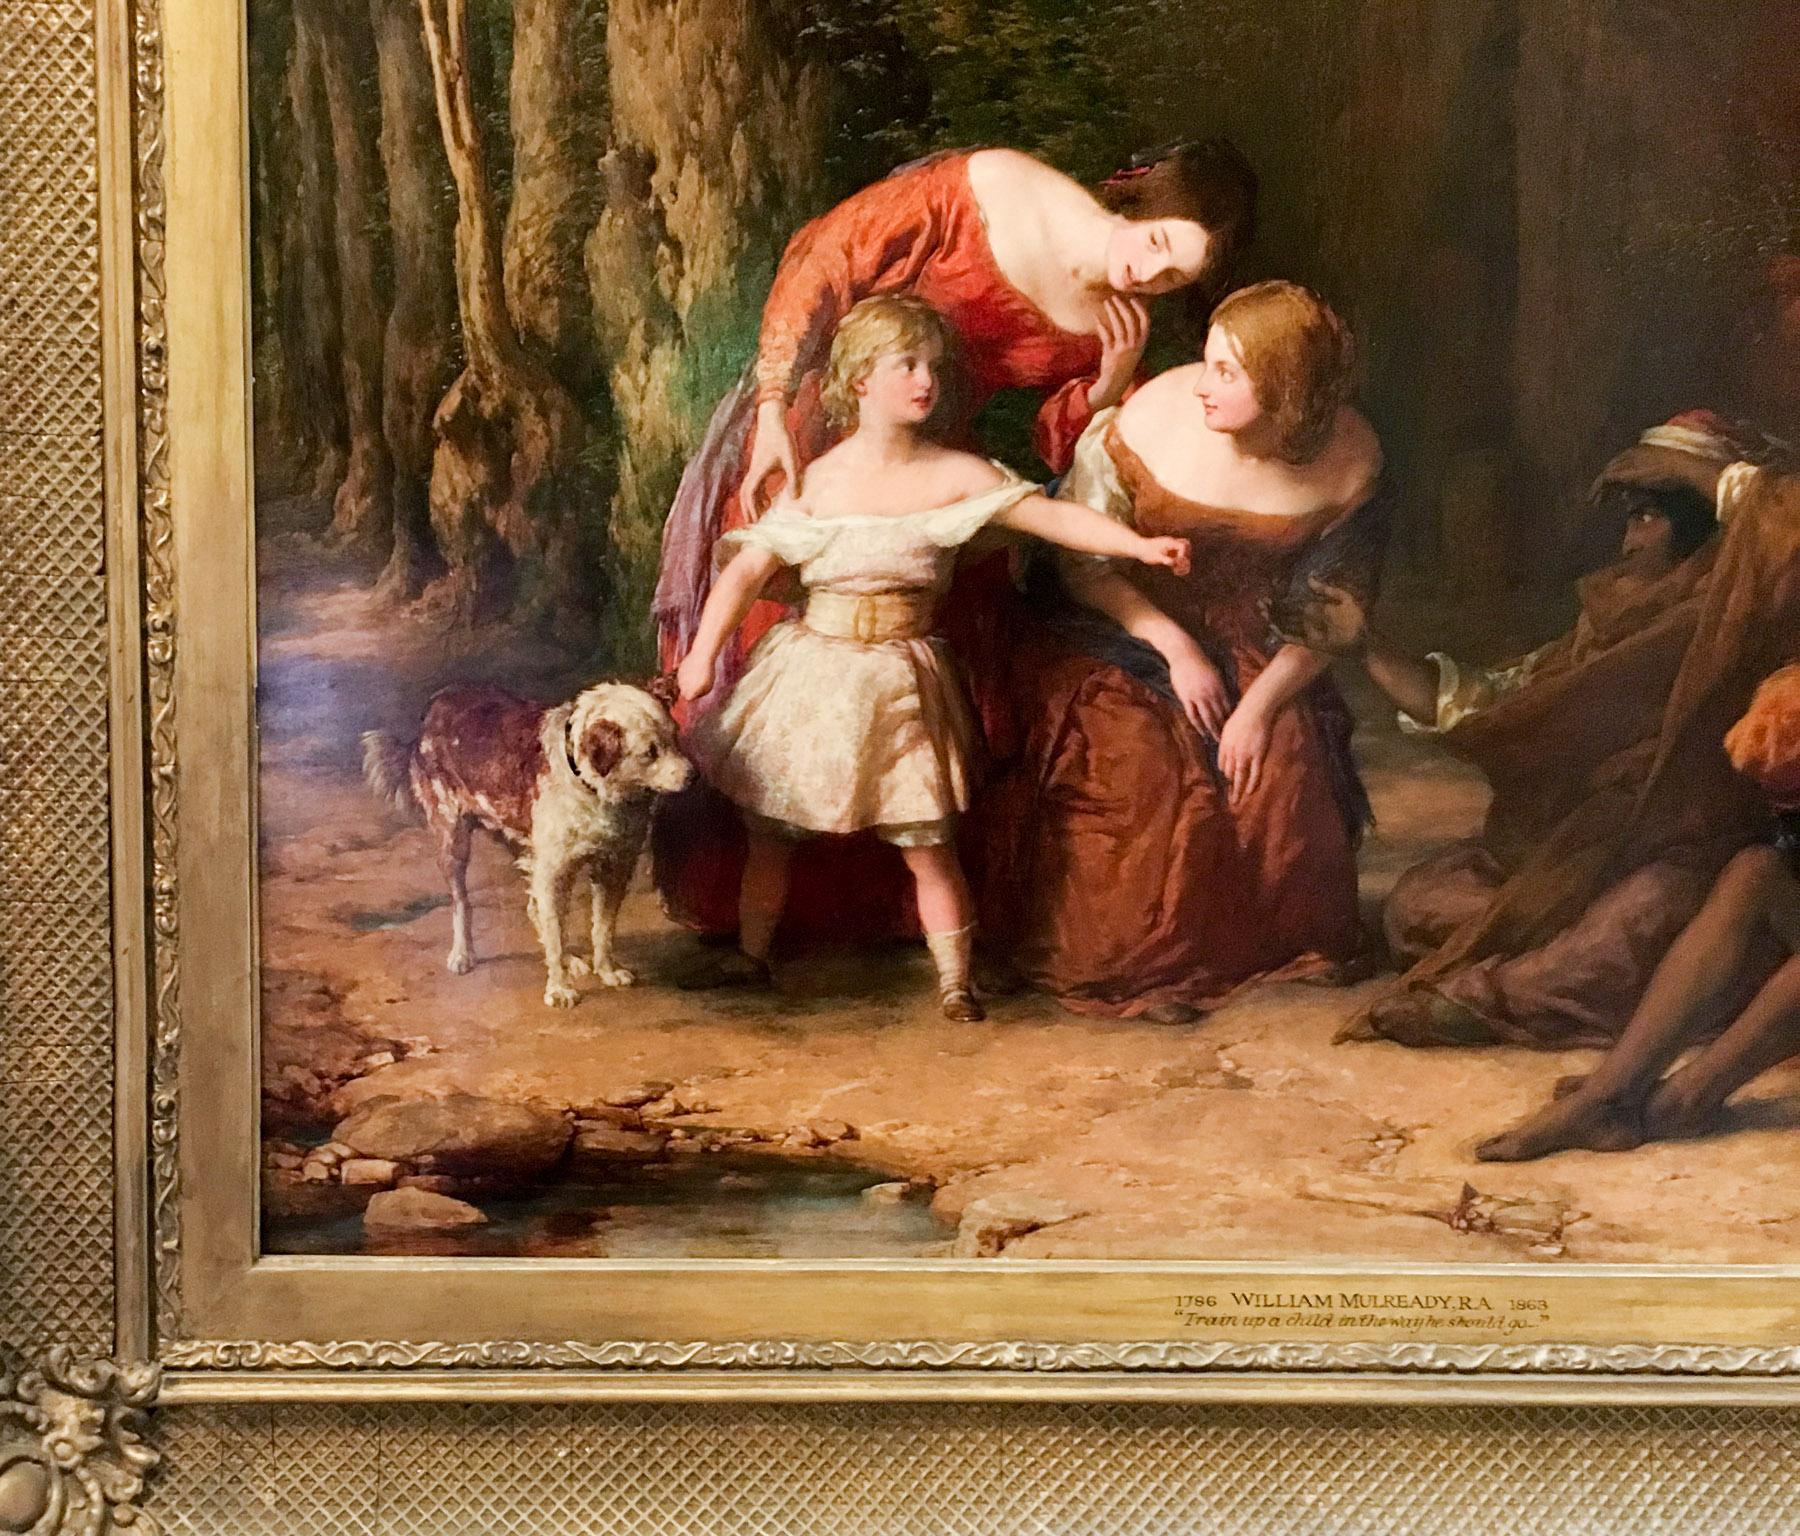 DAP - I like art with dogs - -8585.jpg